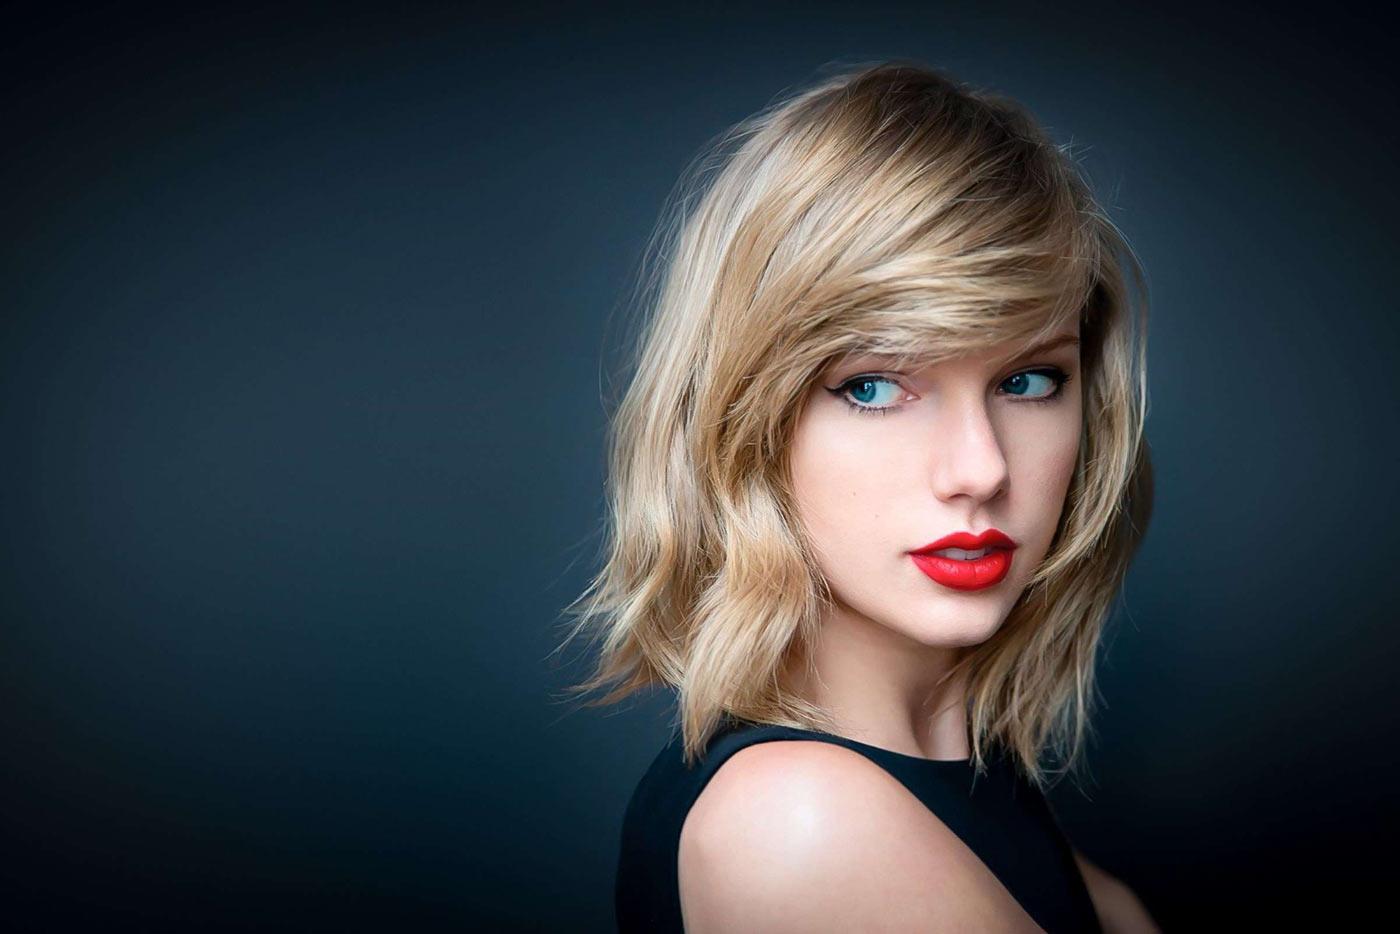 El catálogo de Taylor Swift ha regresado hoy a Spotify